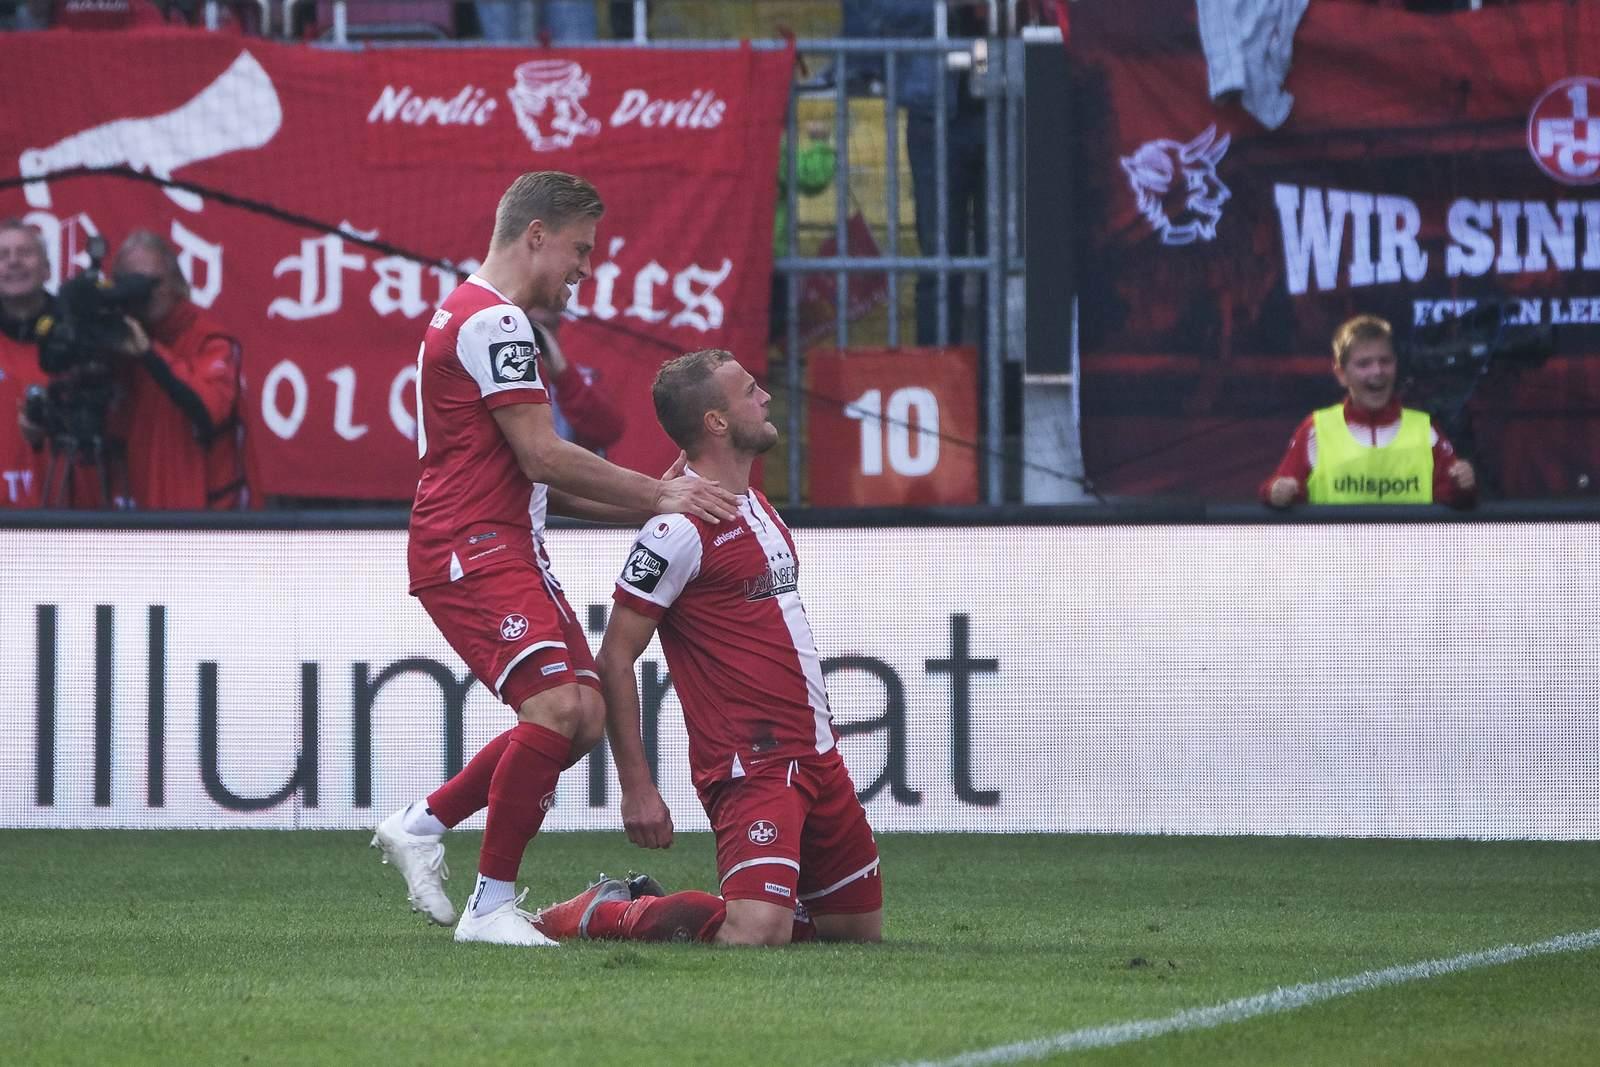 Julius Biada feiert mit Christoph Hemlein. Jetzt auf die Partie Aalen gegen Kaiserslautern wetten.